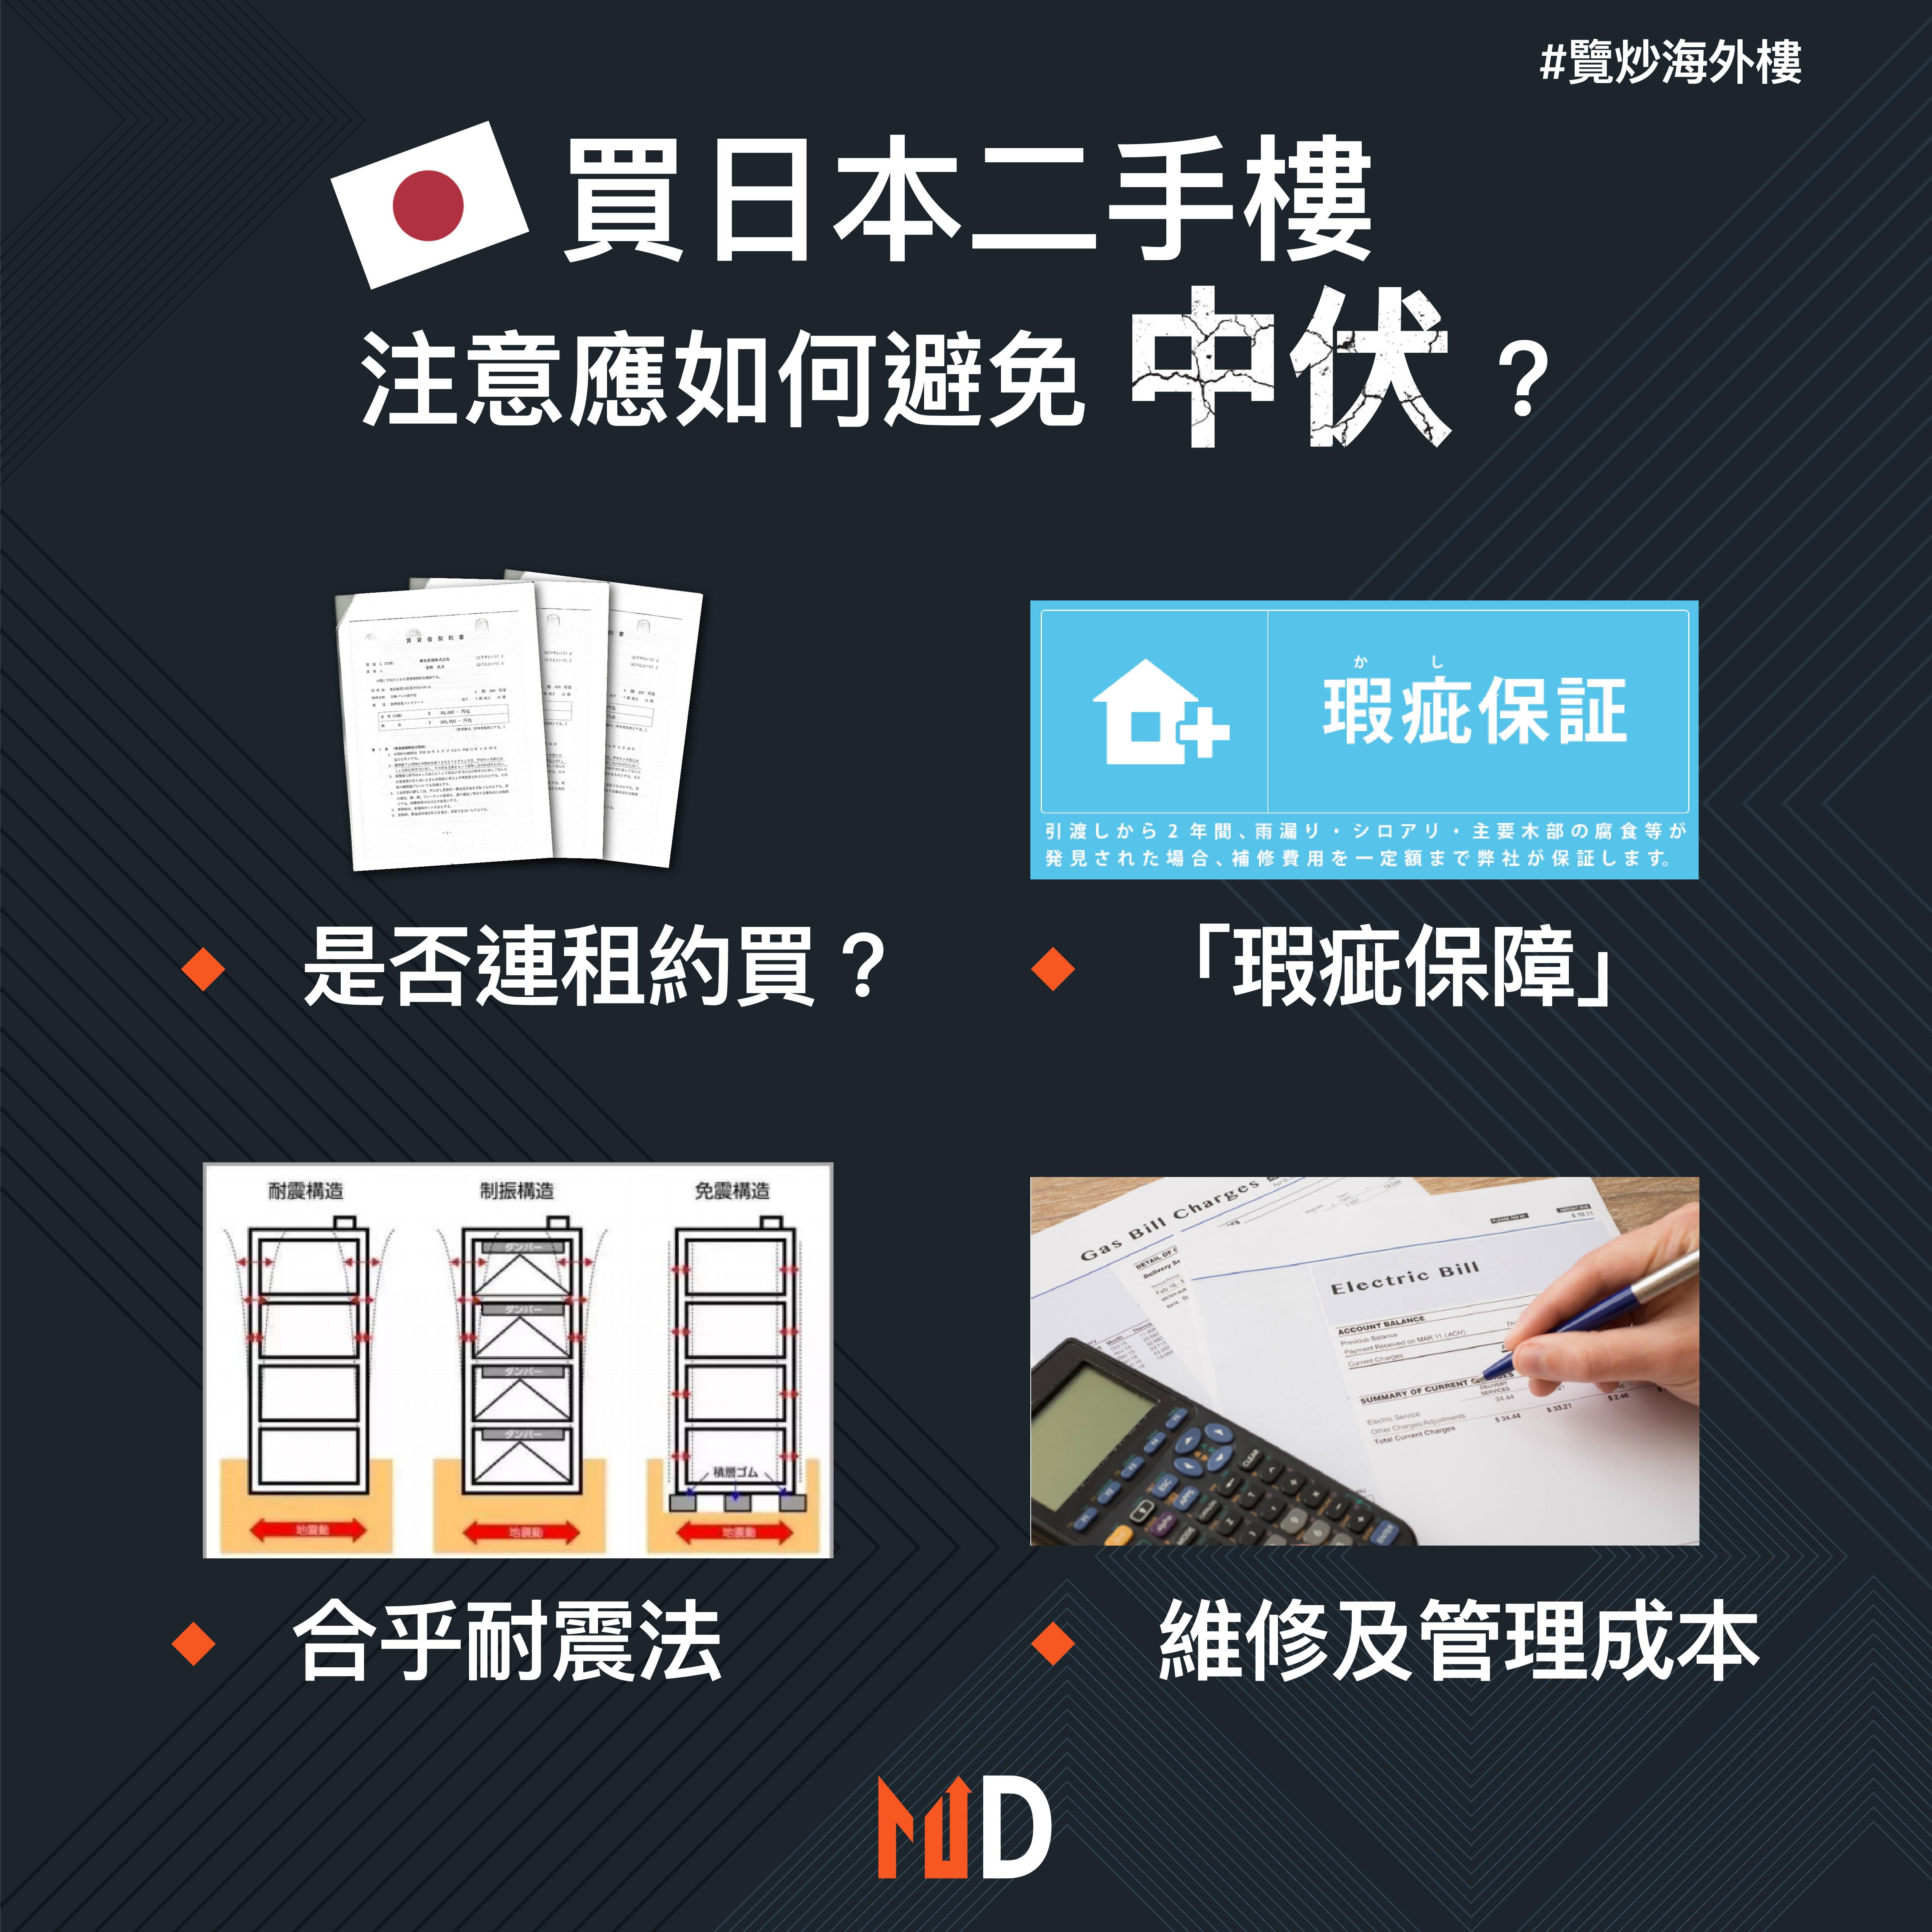 【覽炒海外樓】買日本二手樓 注意應如何避免中伏?